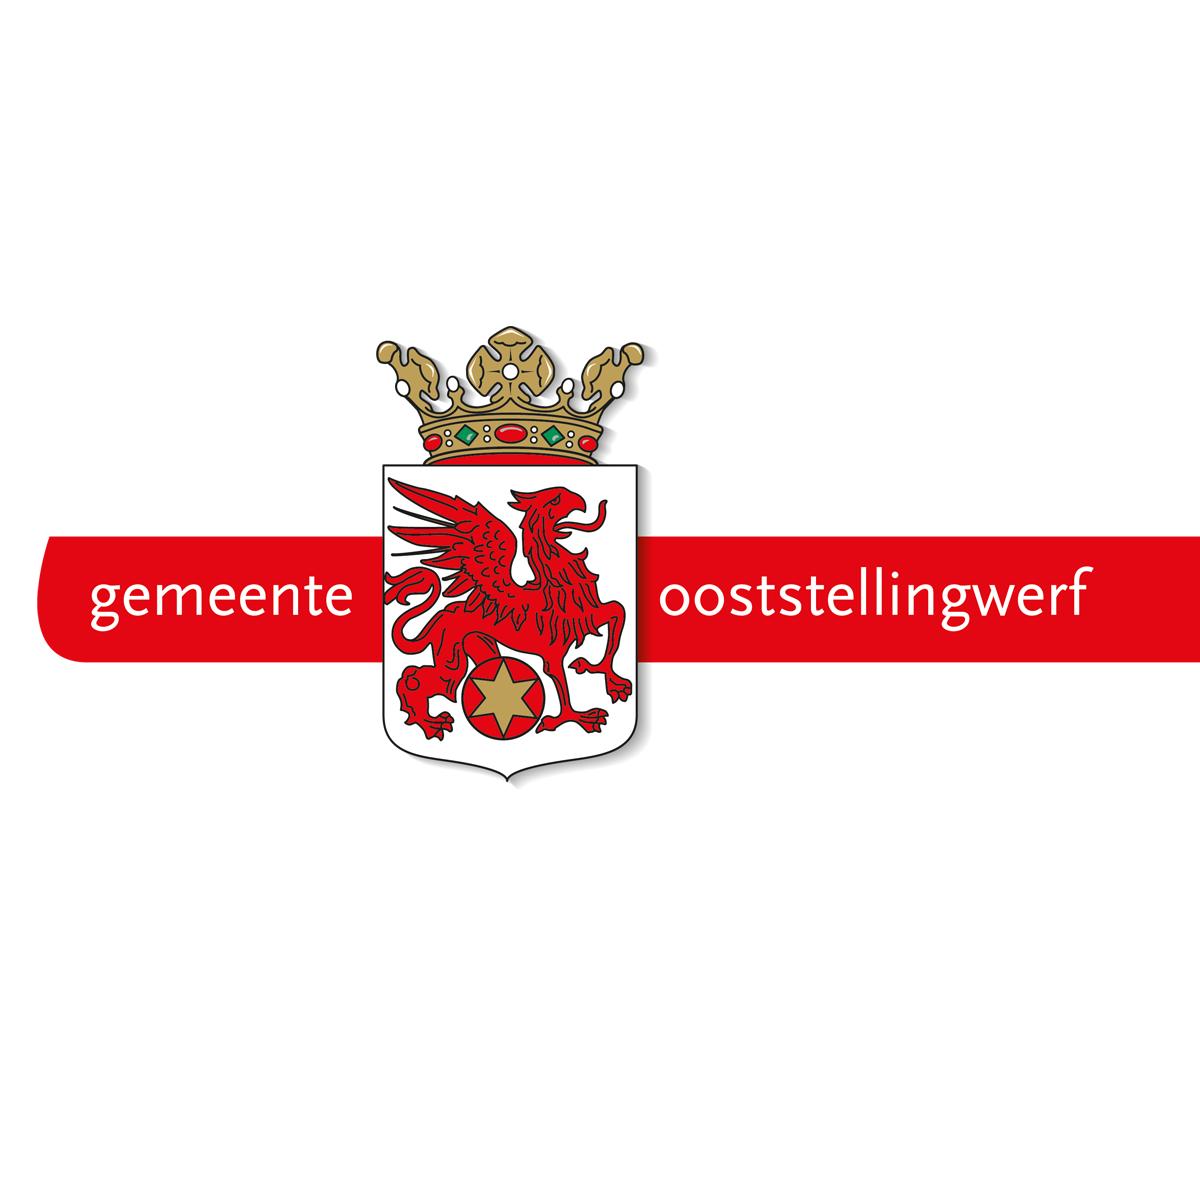 GemeenteOoststellingwerf.png